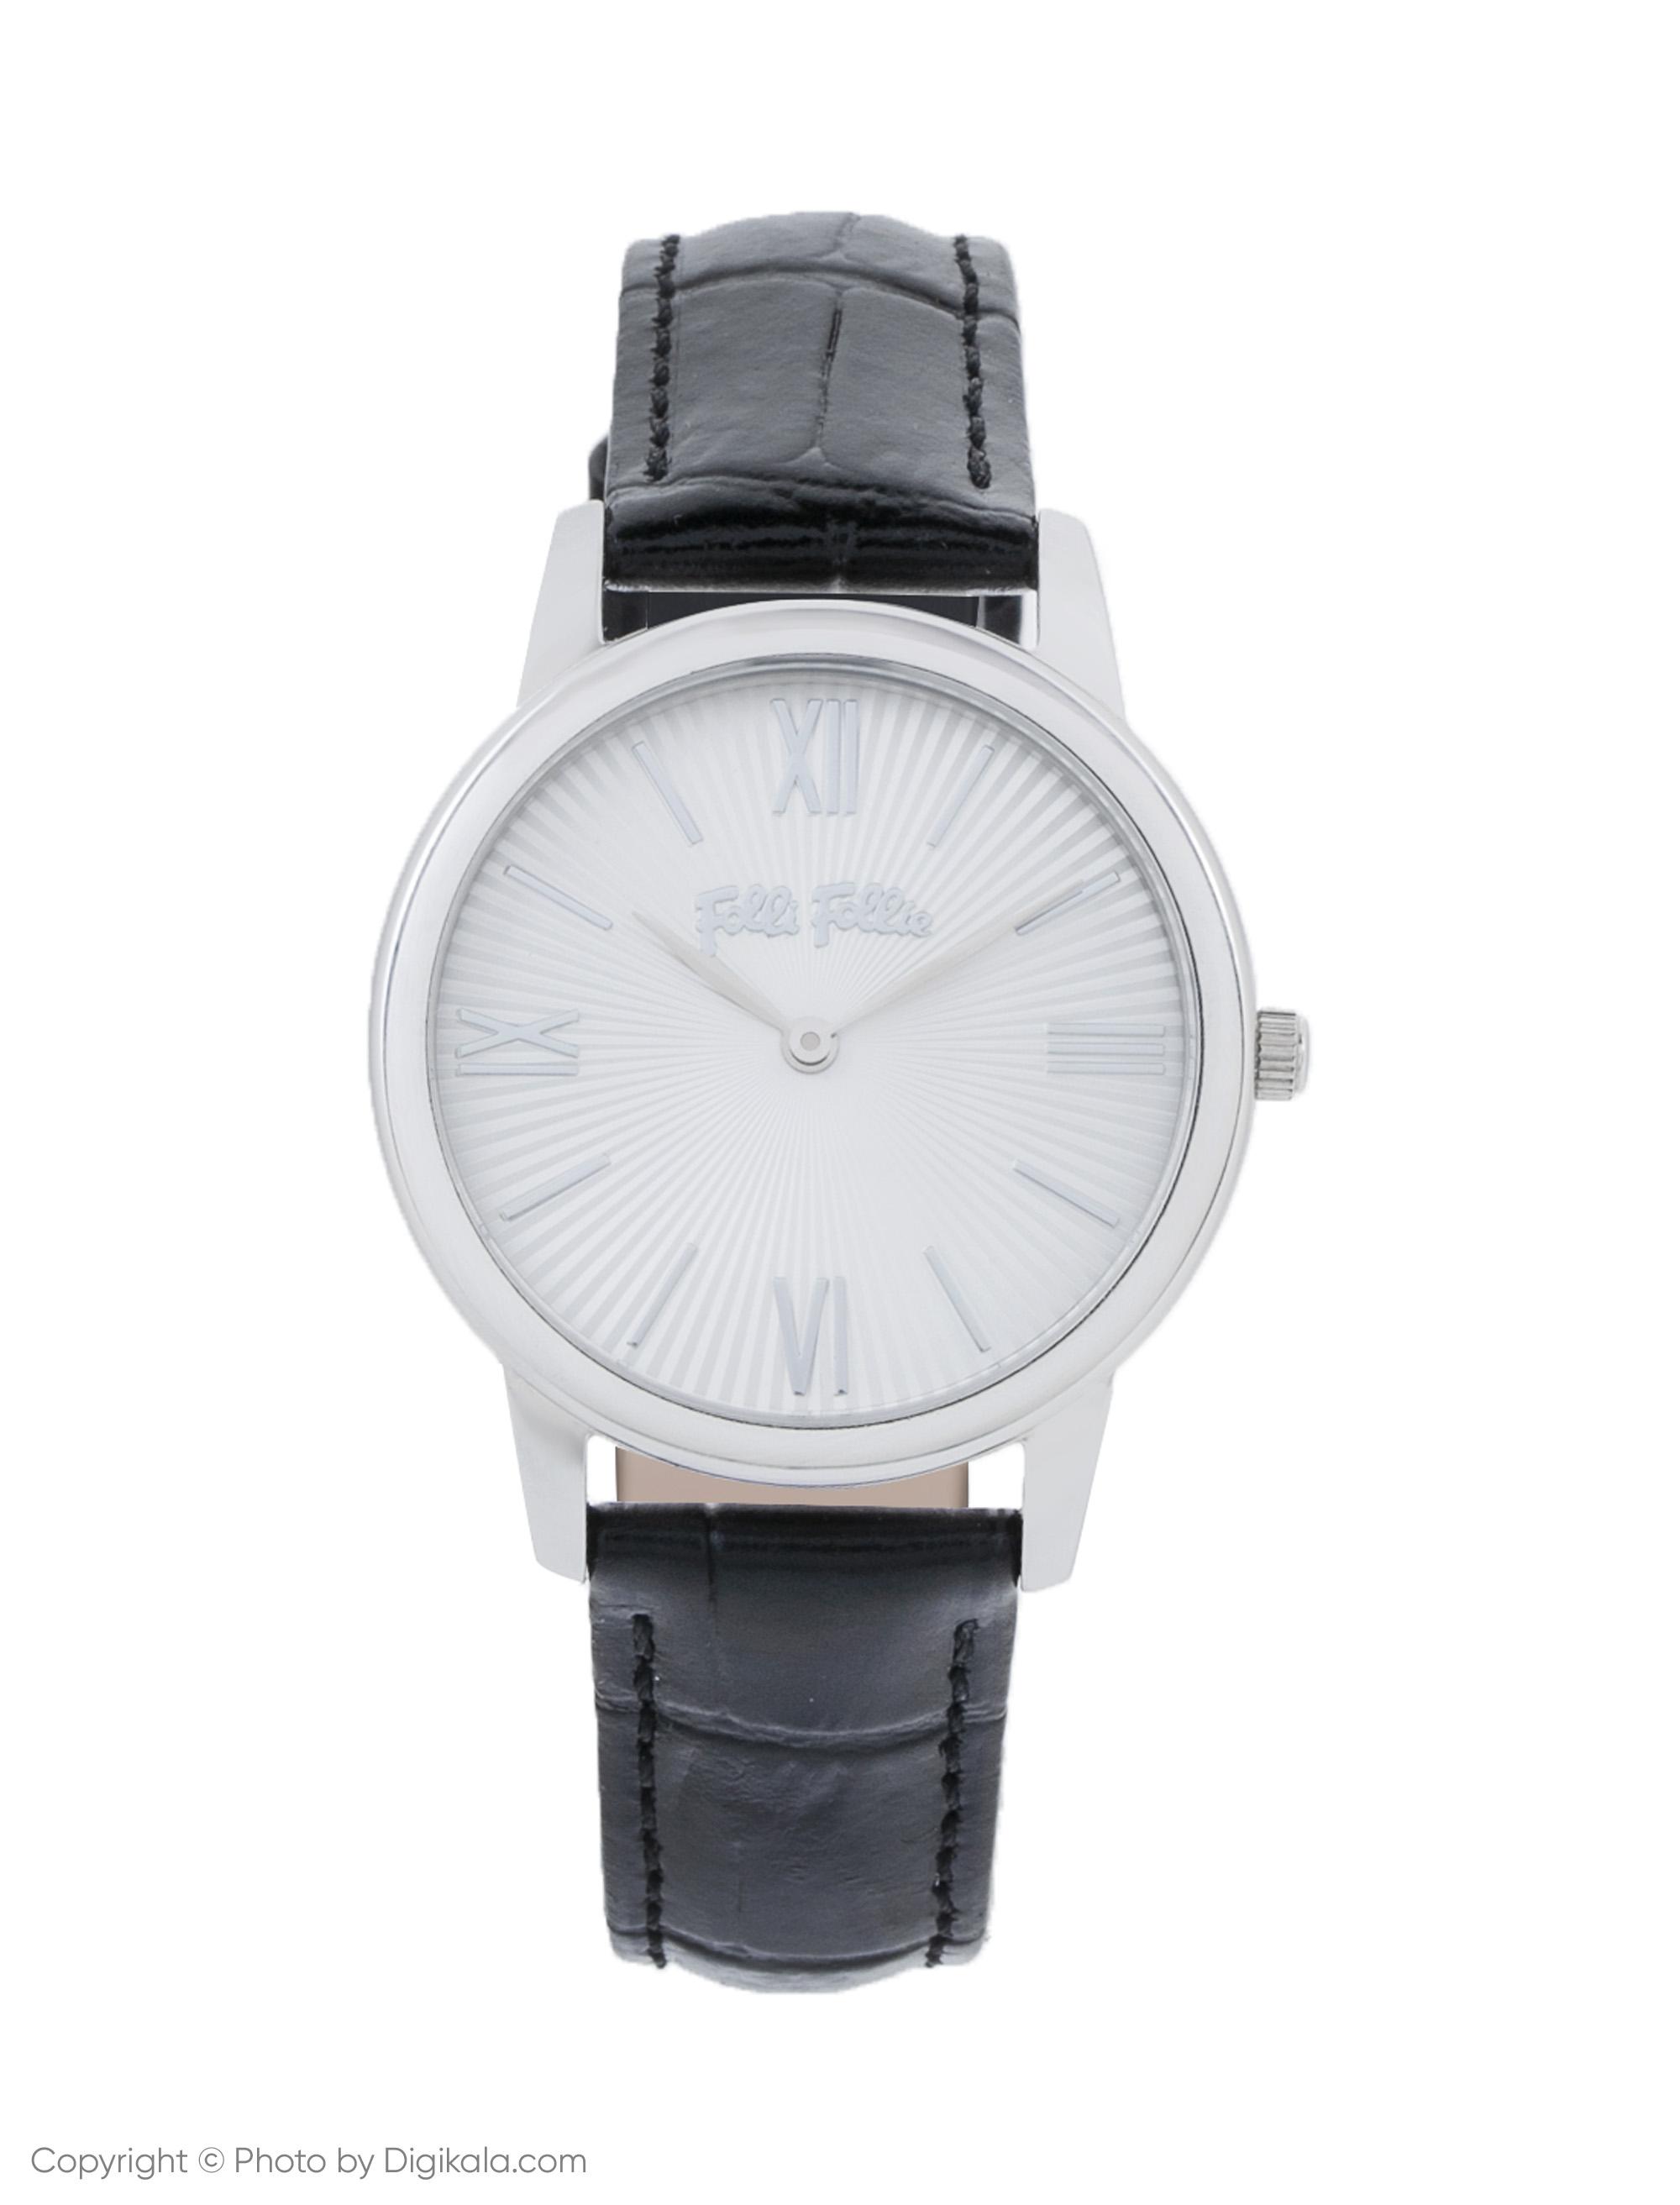 ساعت مچی عقربه ای زنانه فولی فولیه مدل WF15T032SPW-BK (بدون جعبه اورجینال)